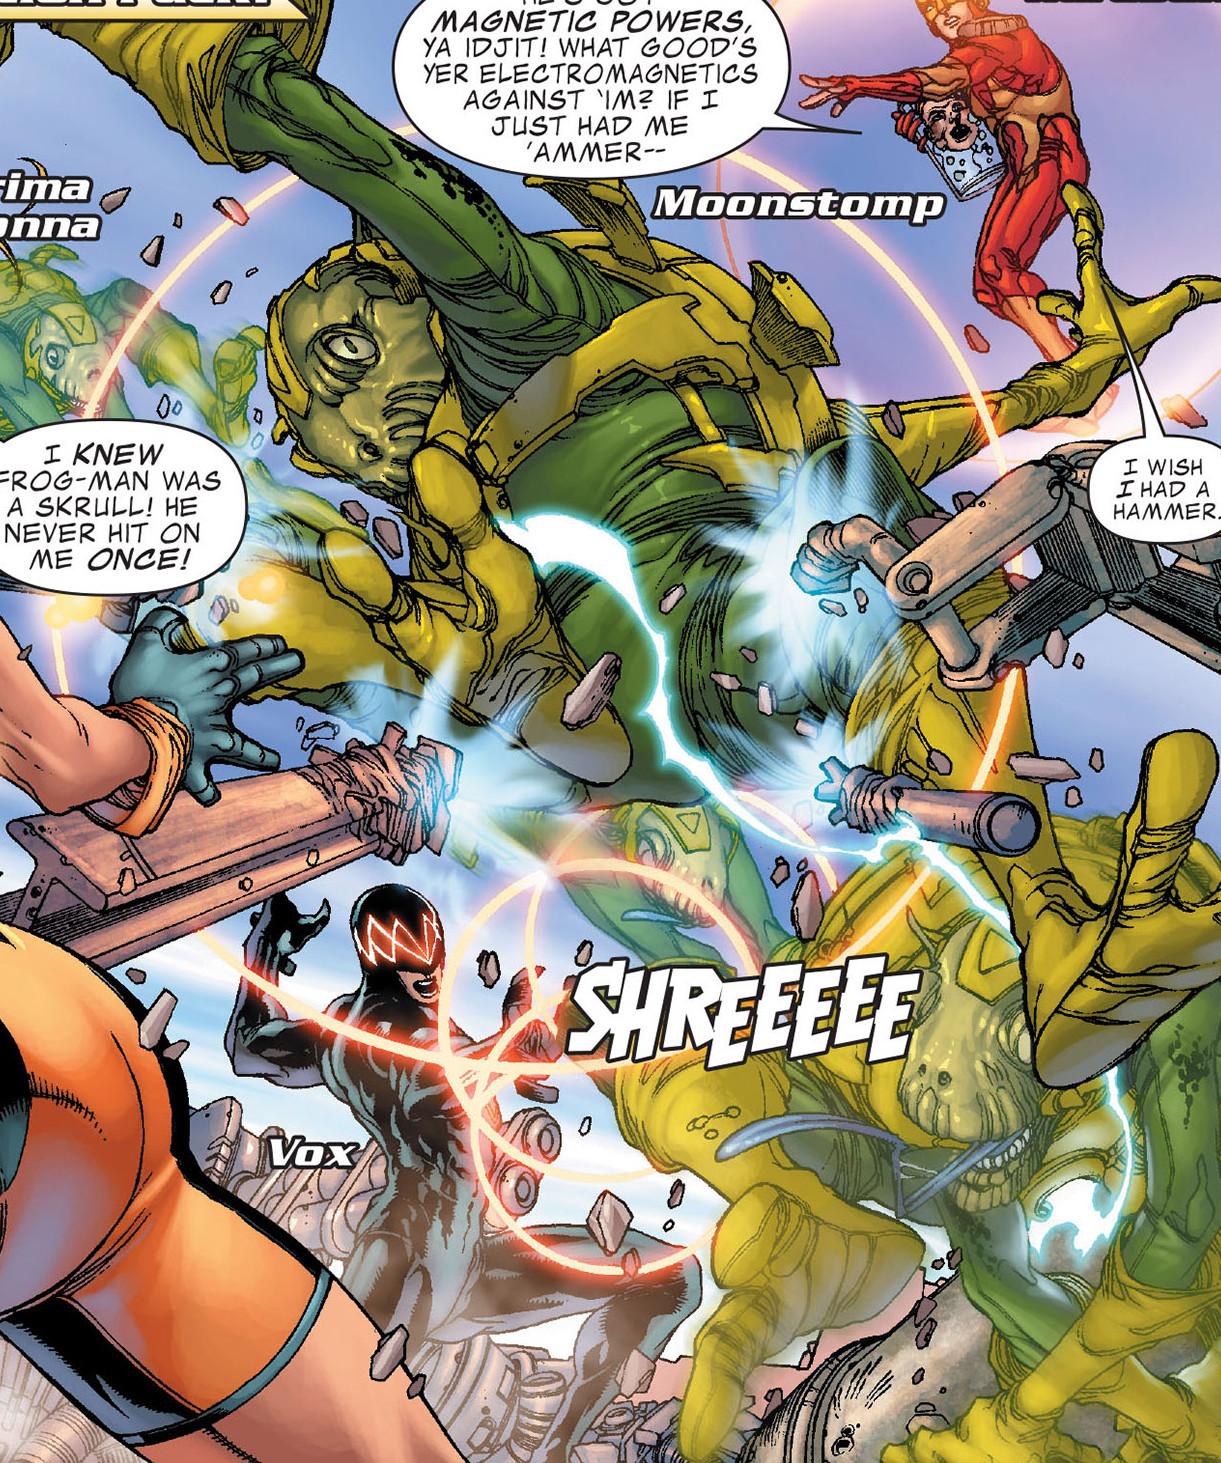 Eugene Patilio (Skrull) (Earth-616)